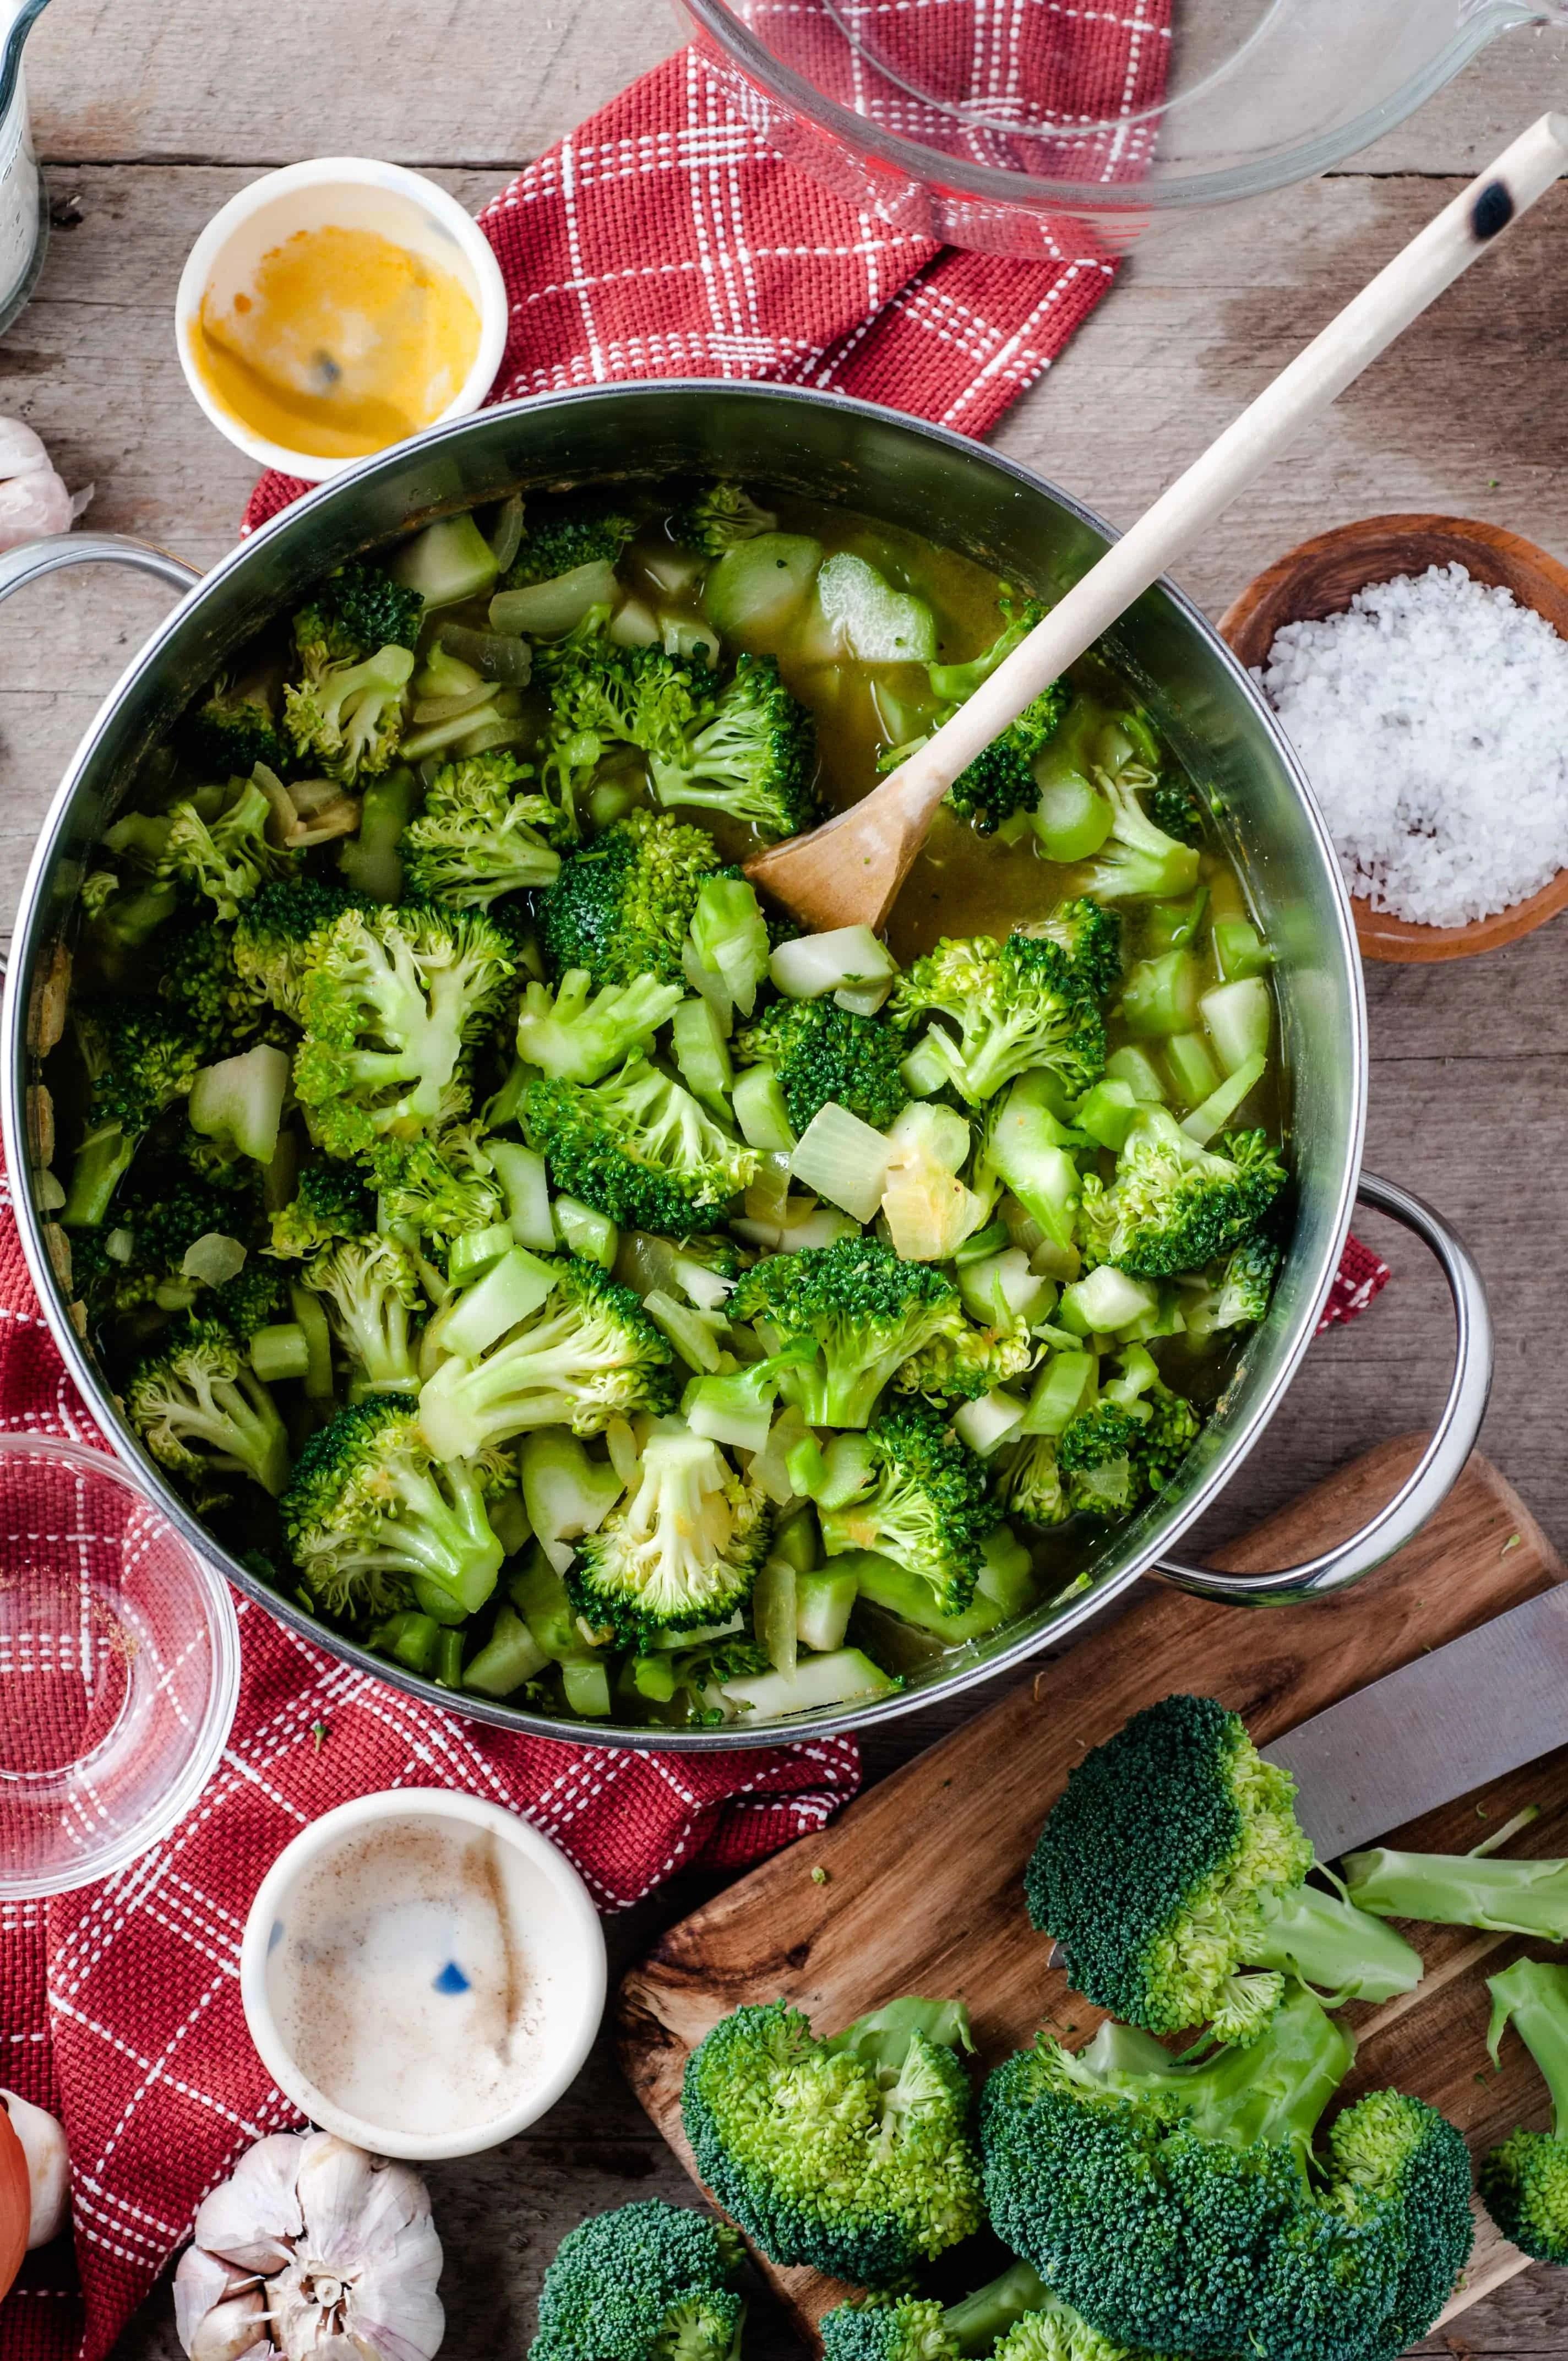 Vegetarian Cream of Broccoli soup ingredients in pot